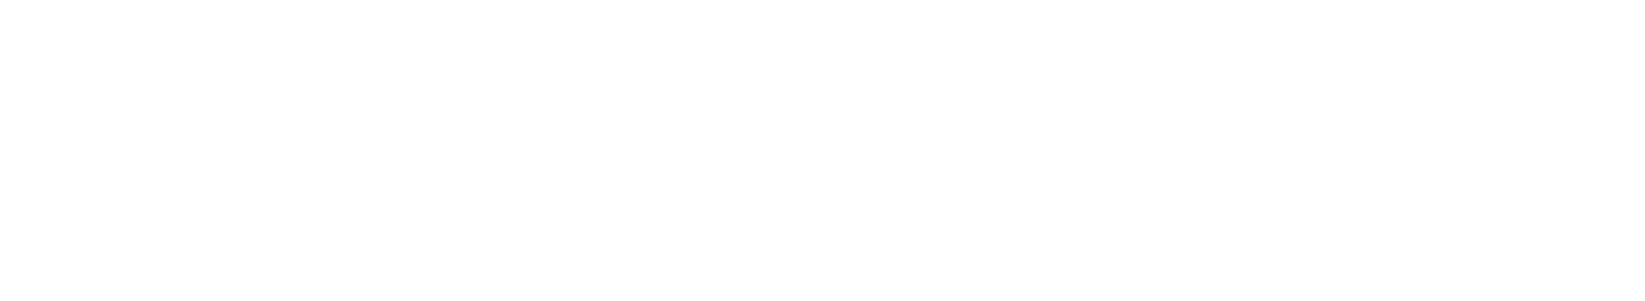 Mevotech logo RVS Wht